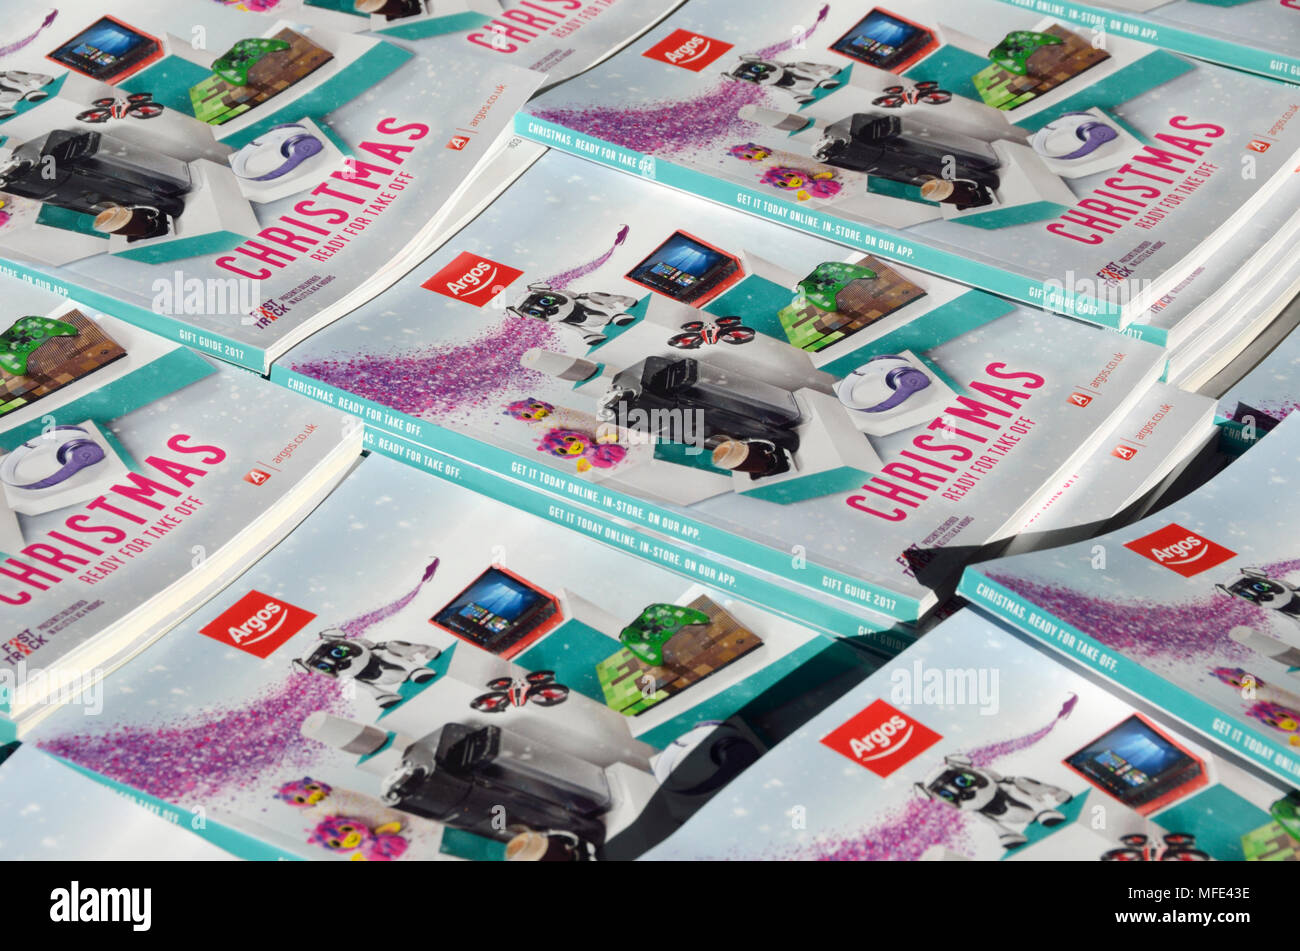 Argos Catalogues Stock Photos & Argos Catalogues Stock